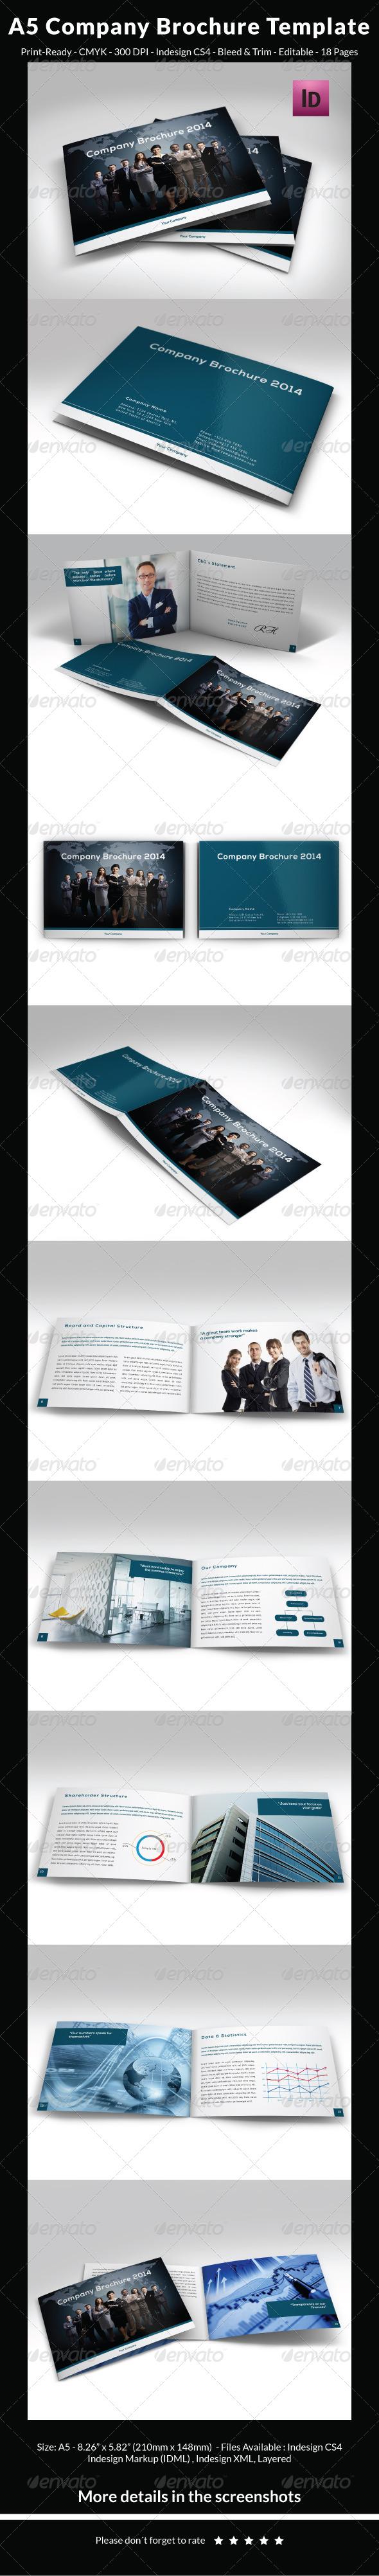 GraphicRiver A5 Company Brochure Template 6466364